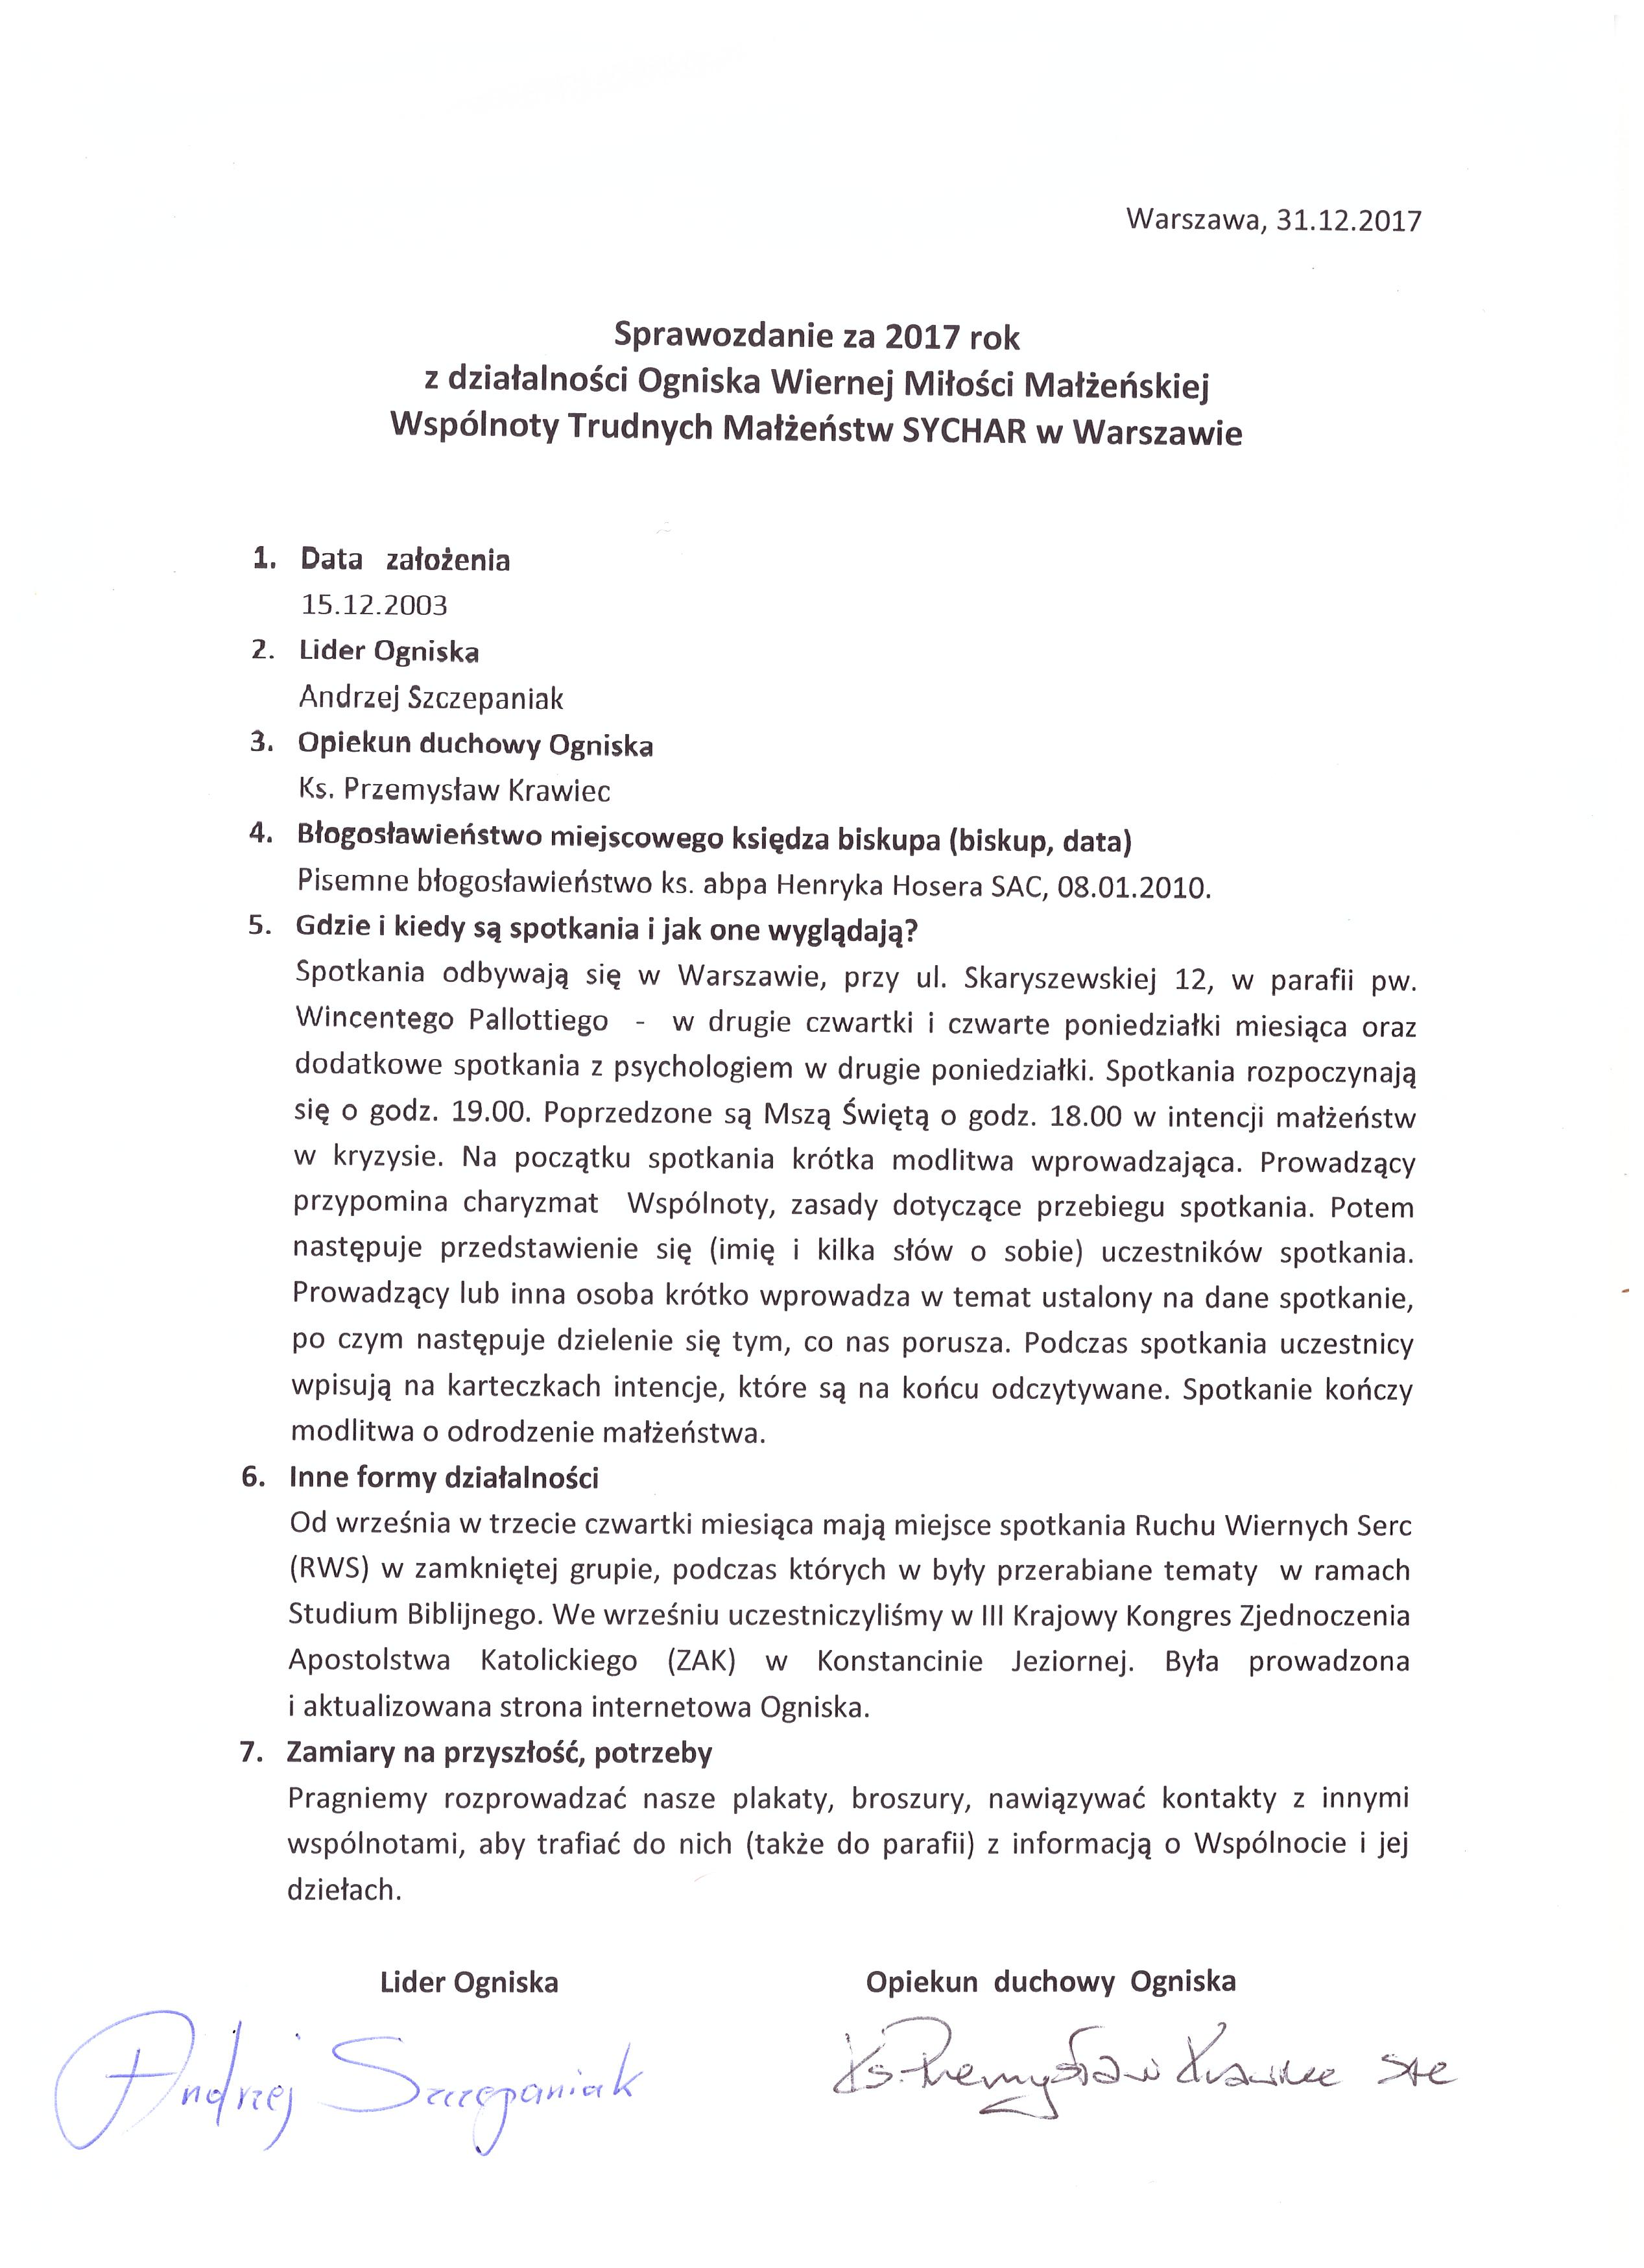 Sprawozdanie-2017-Warszawa-Pallotyni.jpg